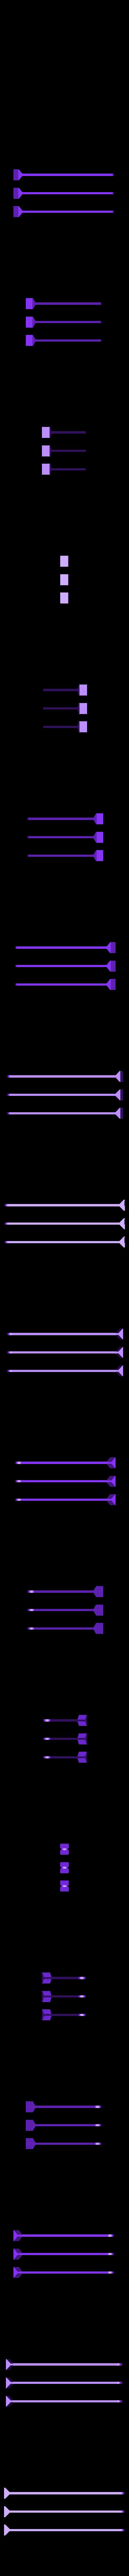 3_sticks_8x120mm.stl Télécharger fichier STL gratuit Planche courbe multifonctionnelle • Design imprimable en 3D, Minweth